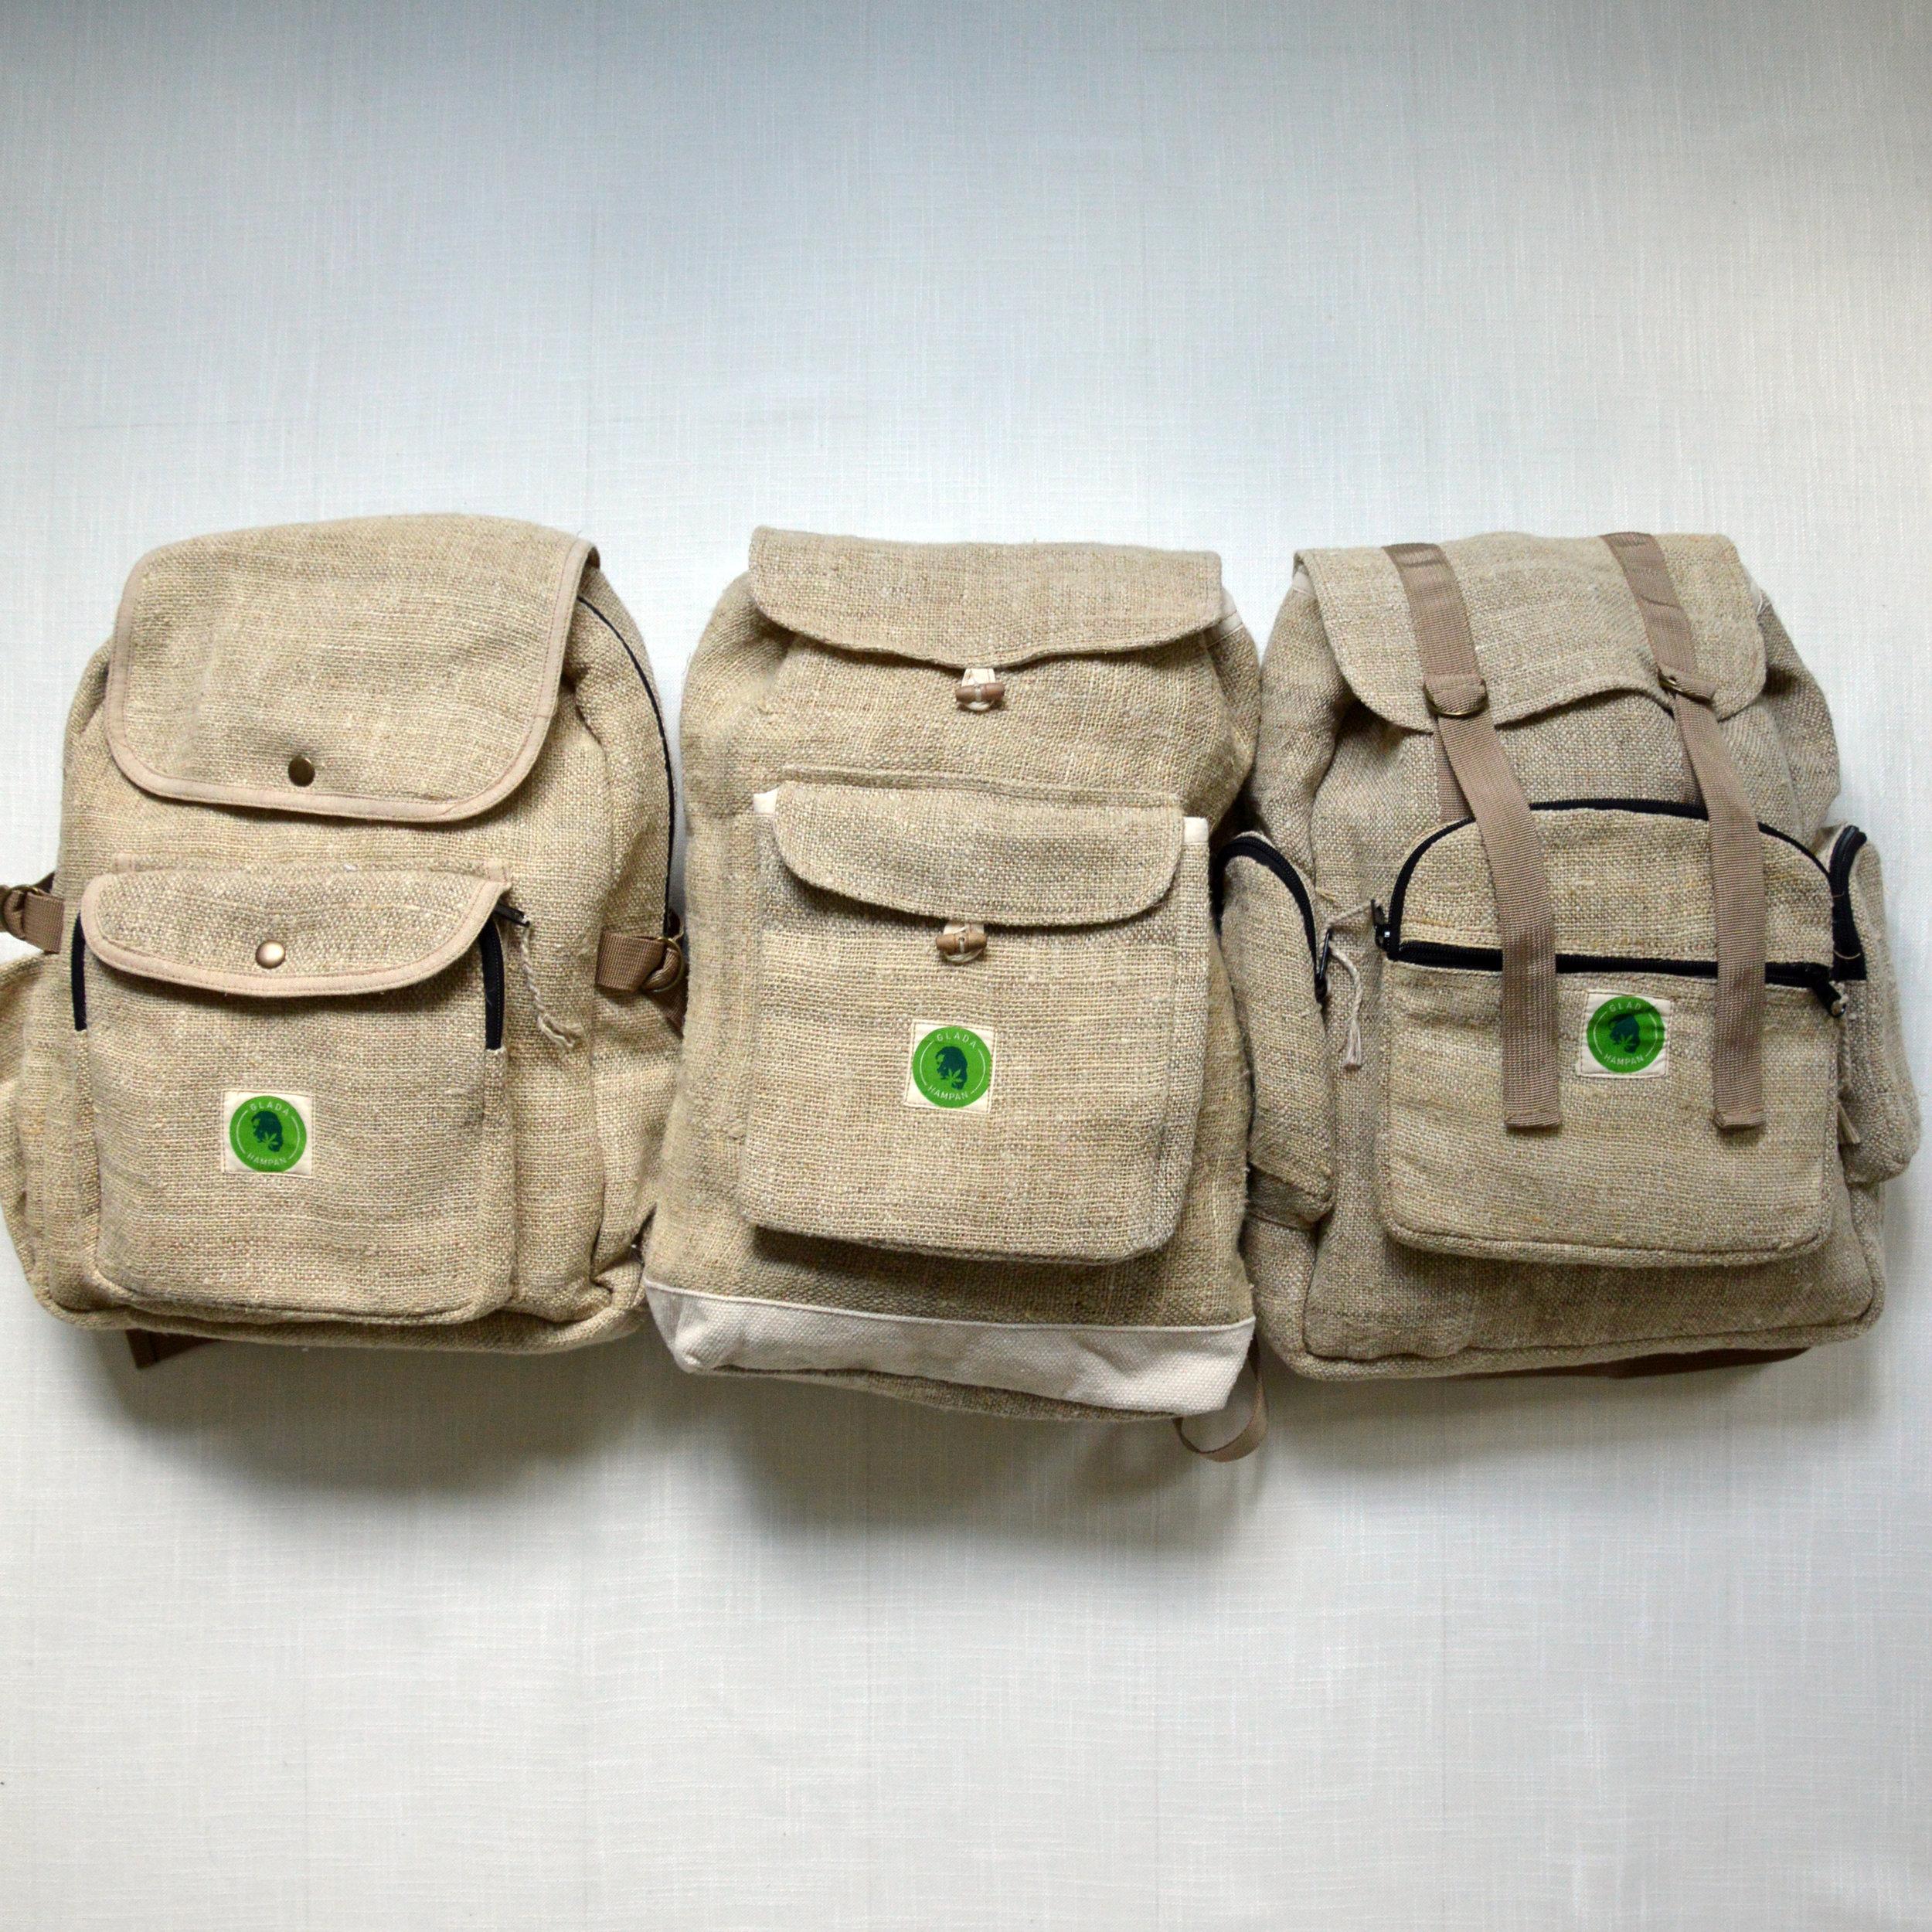 ryggsäckar3x3.jpg